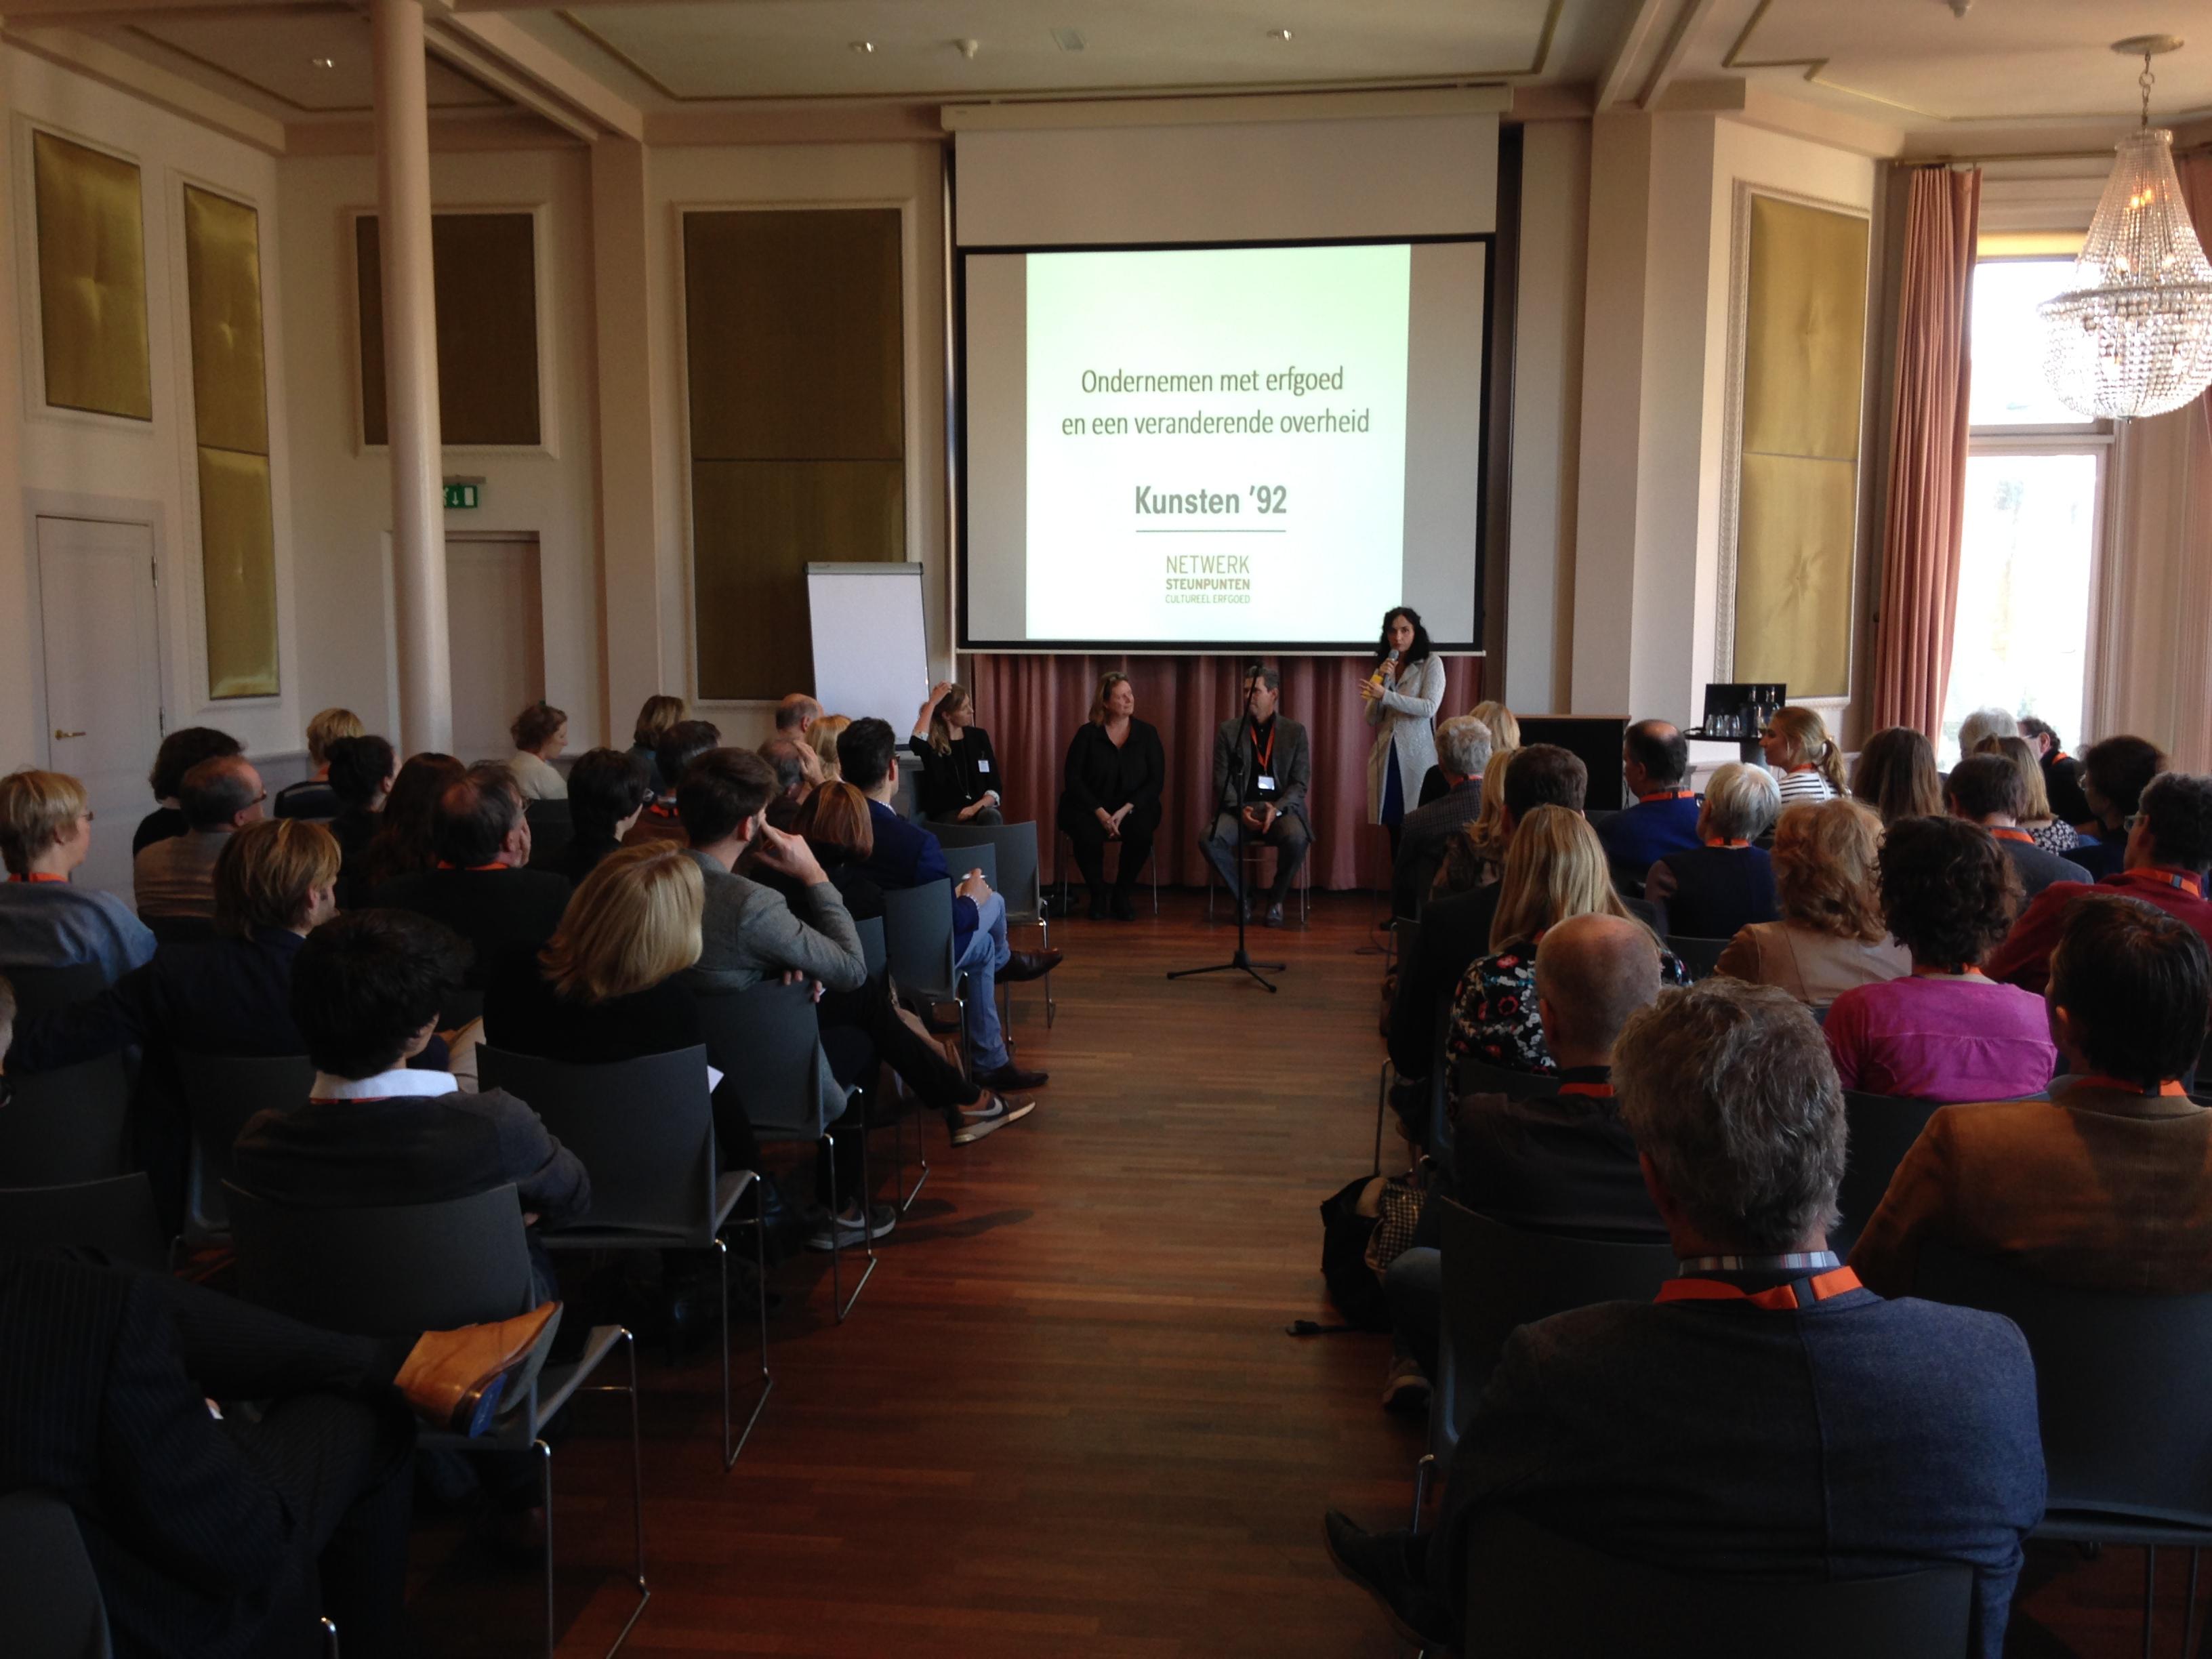 Fringemeeting - Ondernemen met erfgoed en een veranderende overheid - Nationaal Monumentencongres 2014